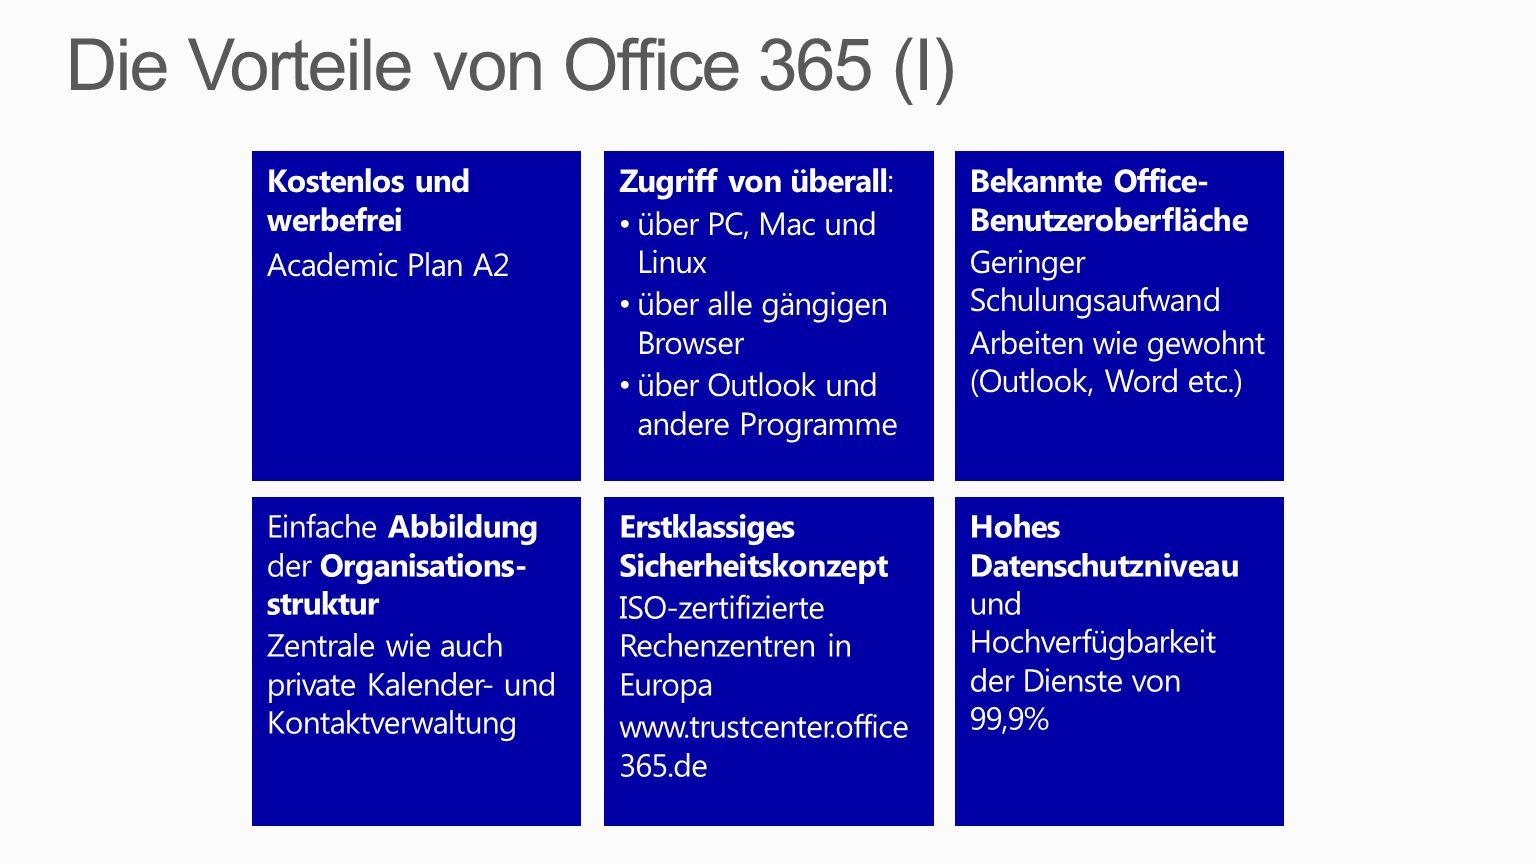 Die Vorteile von Office 365 (I)